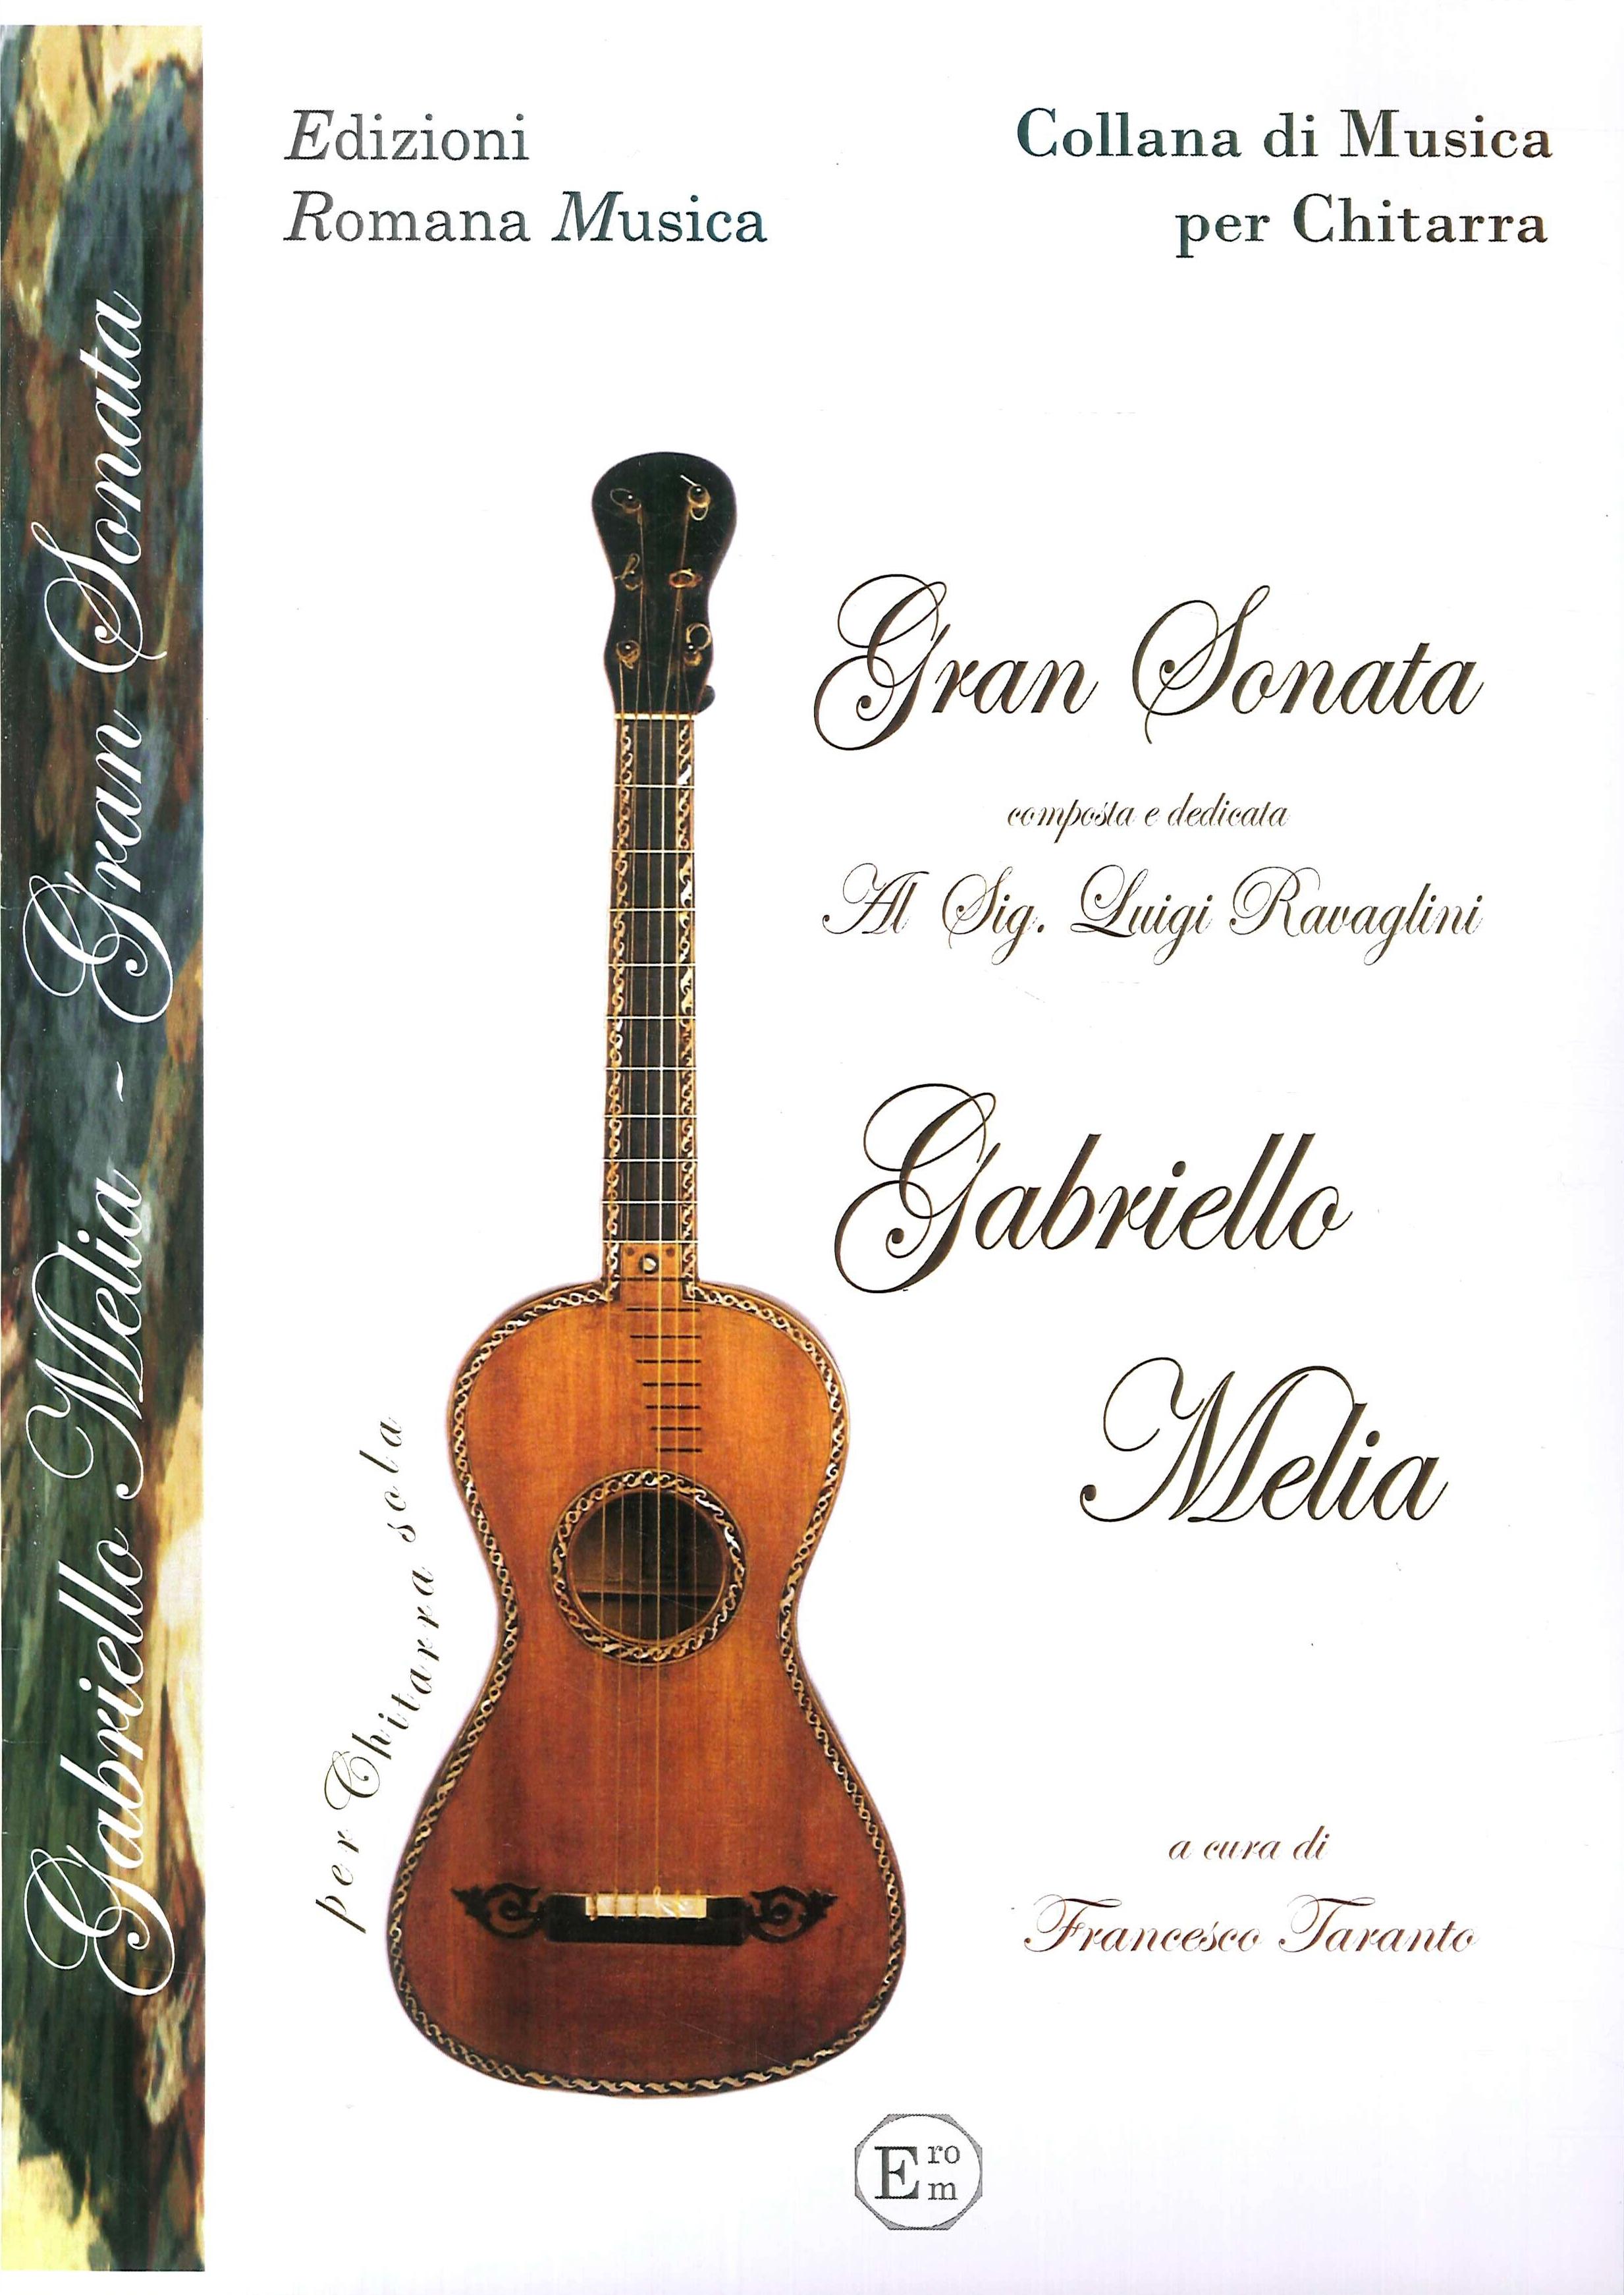 Gabriello Melia. Gran Sonata. Musica per Chitarra. Erom 0031.